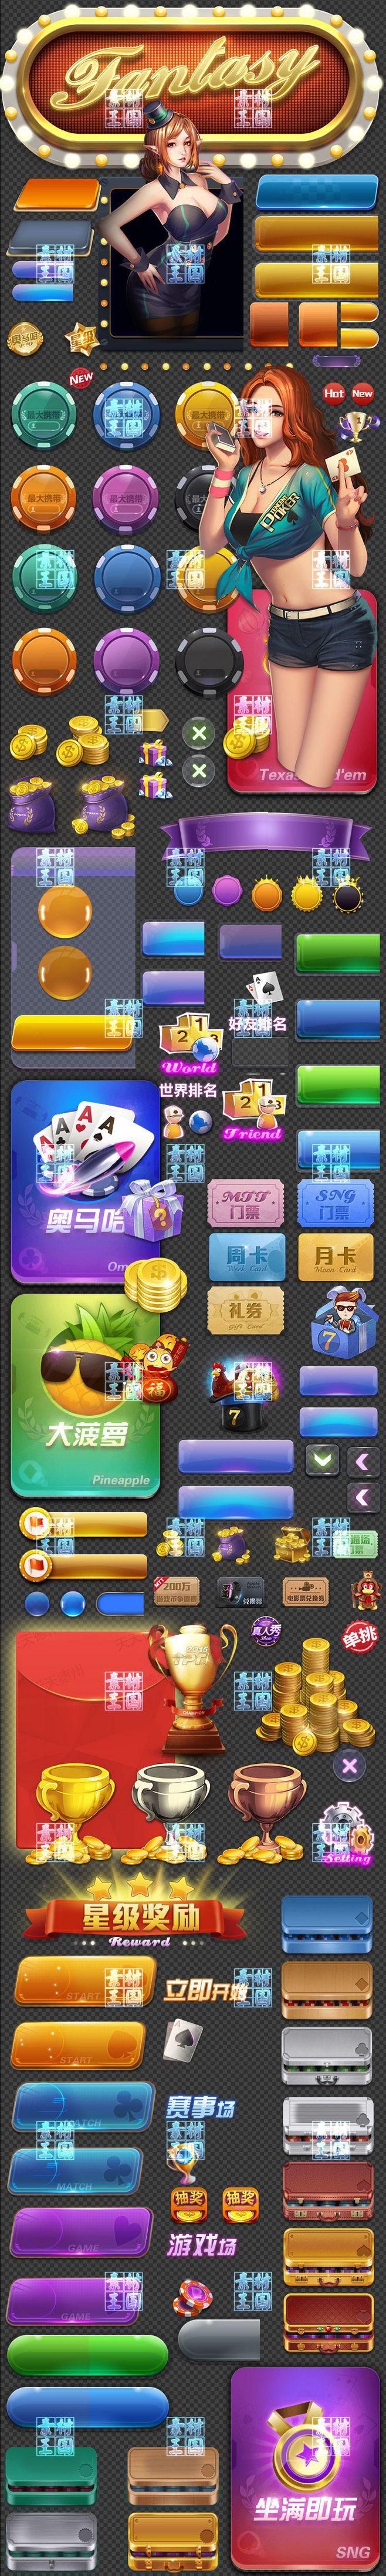 天天德州2016/棋牌扑克赌博娱乐类/游...